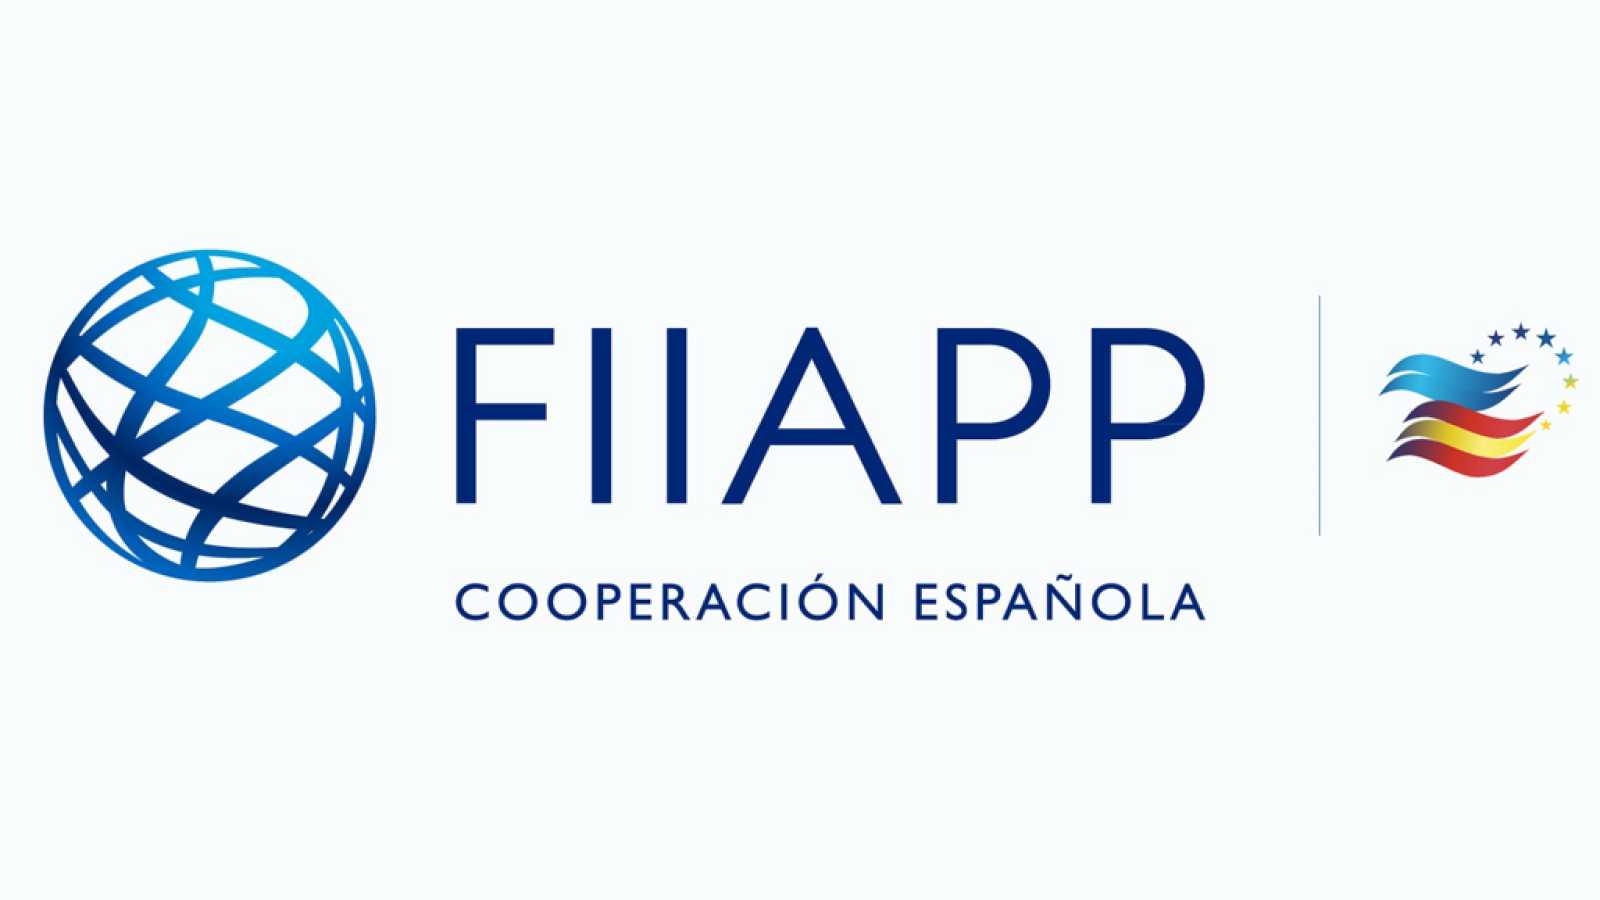 Cooperación pública en el mundo (FIIAPP) - El trabajo de la FIIAPP con AEMET - 01/09/21 - escuchar ahora